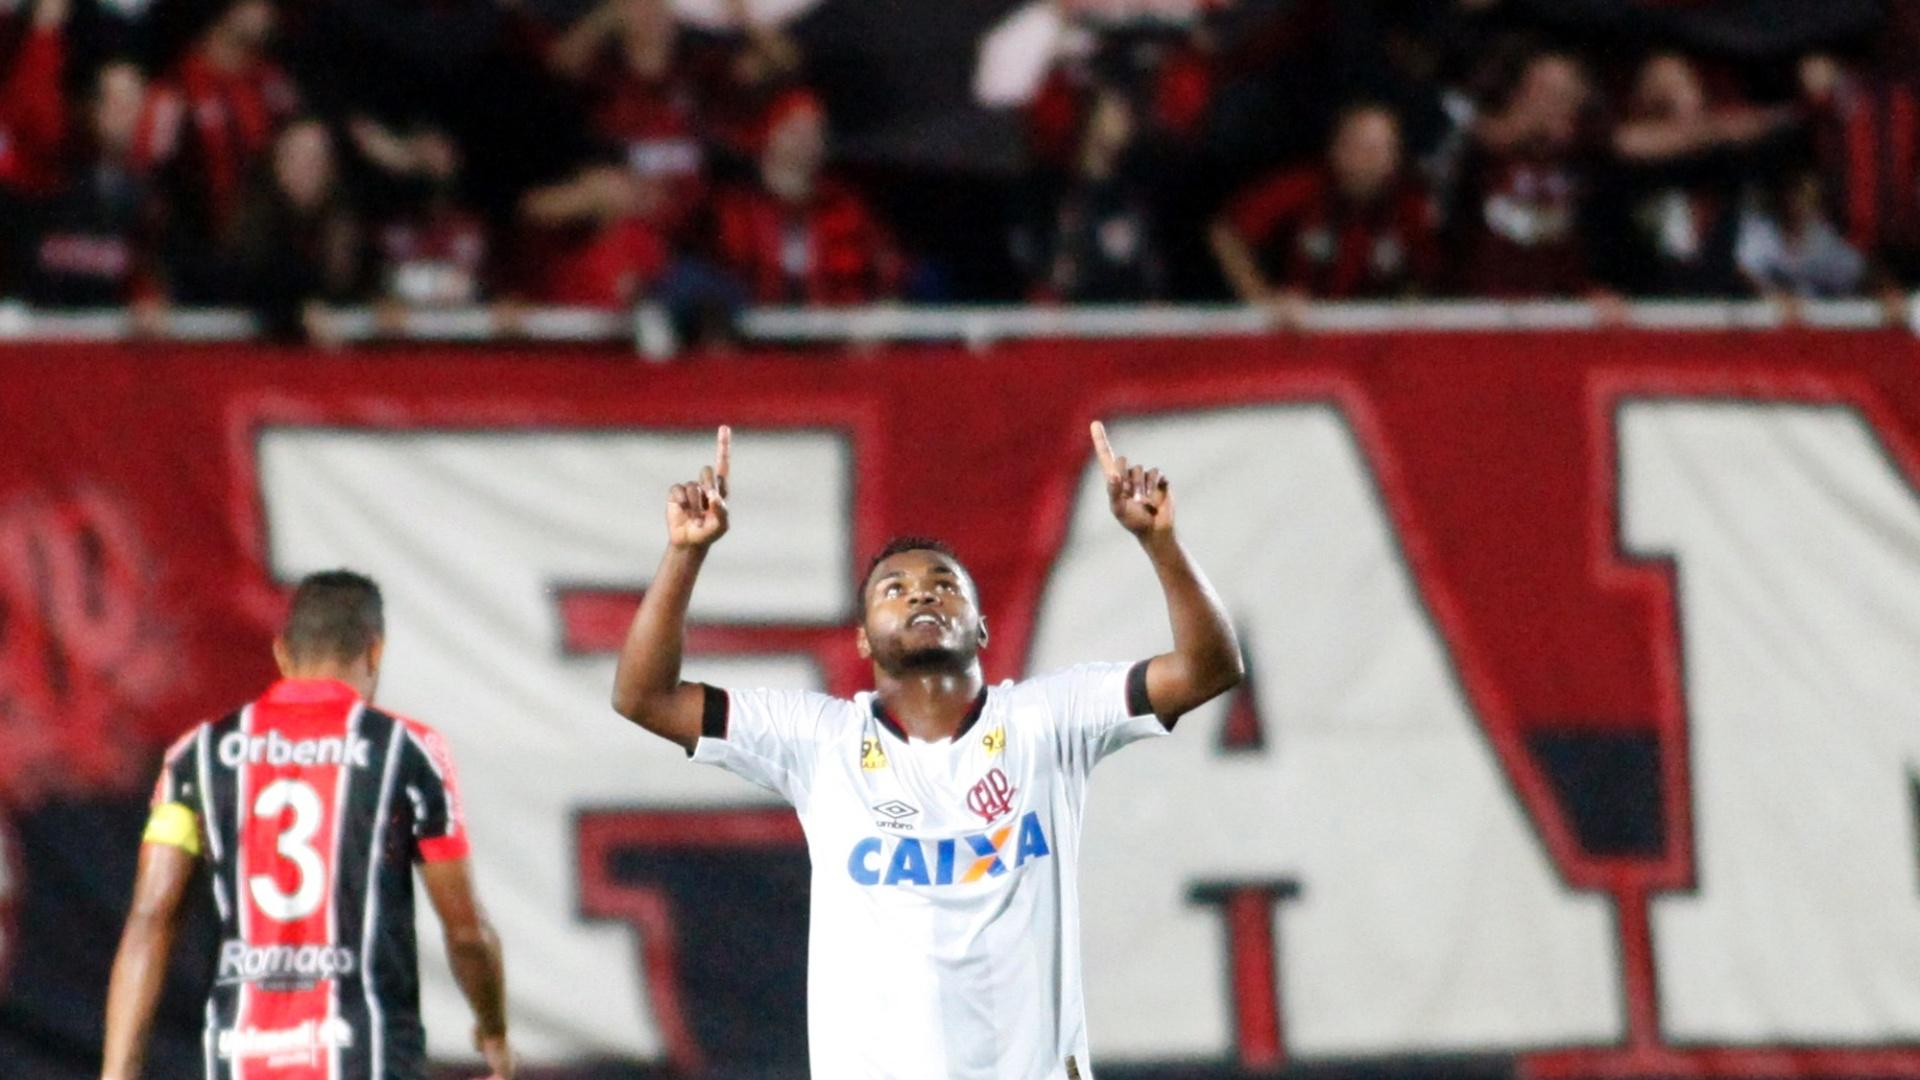 Nikão do Atlético PR comemora gol durante a partida entre Joinville e Atlético-PR válida pela Série A do Campeonato Brasileiro 2015, no Estádio Arena Joinville em Joinville (SC)